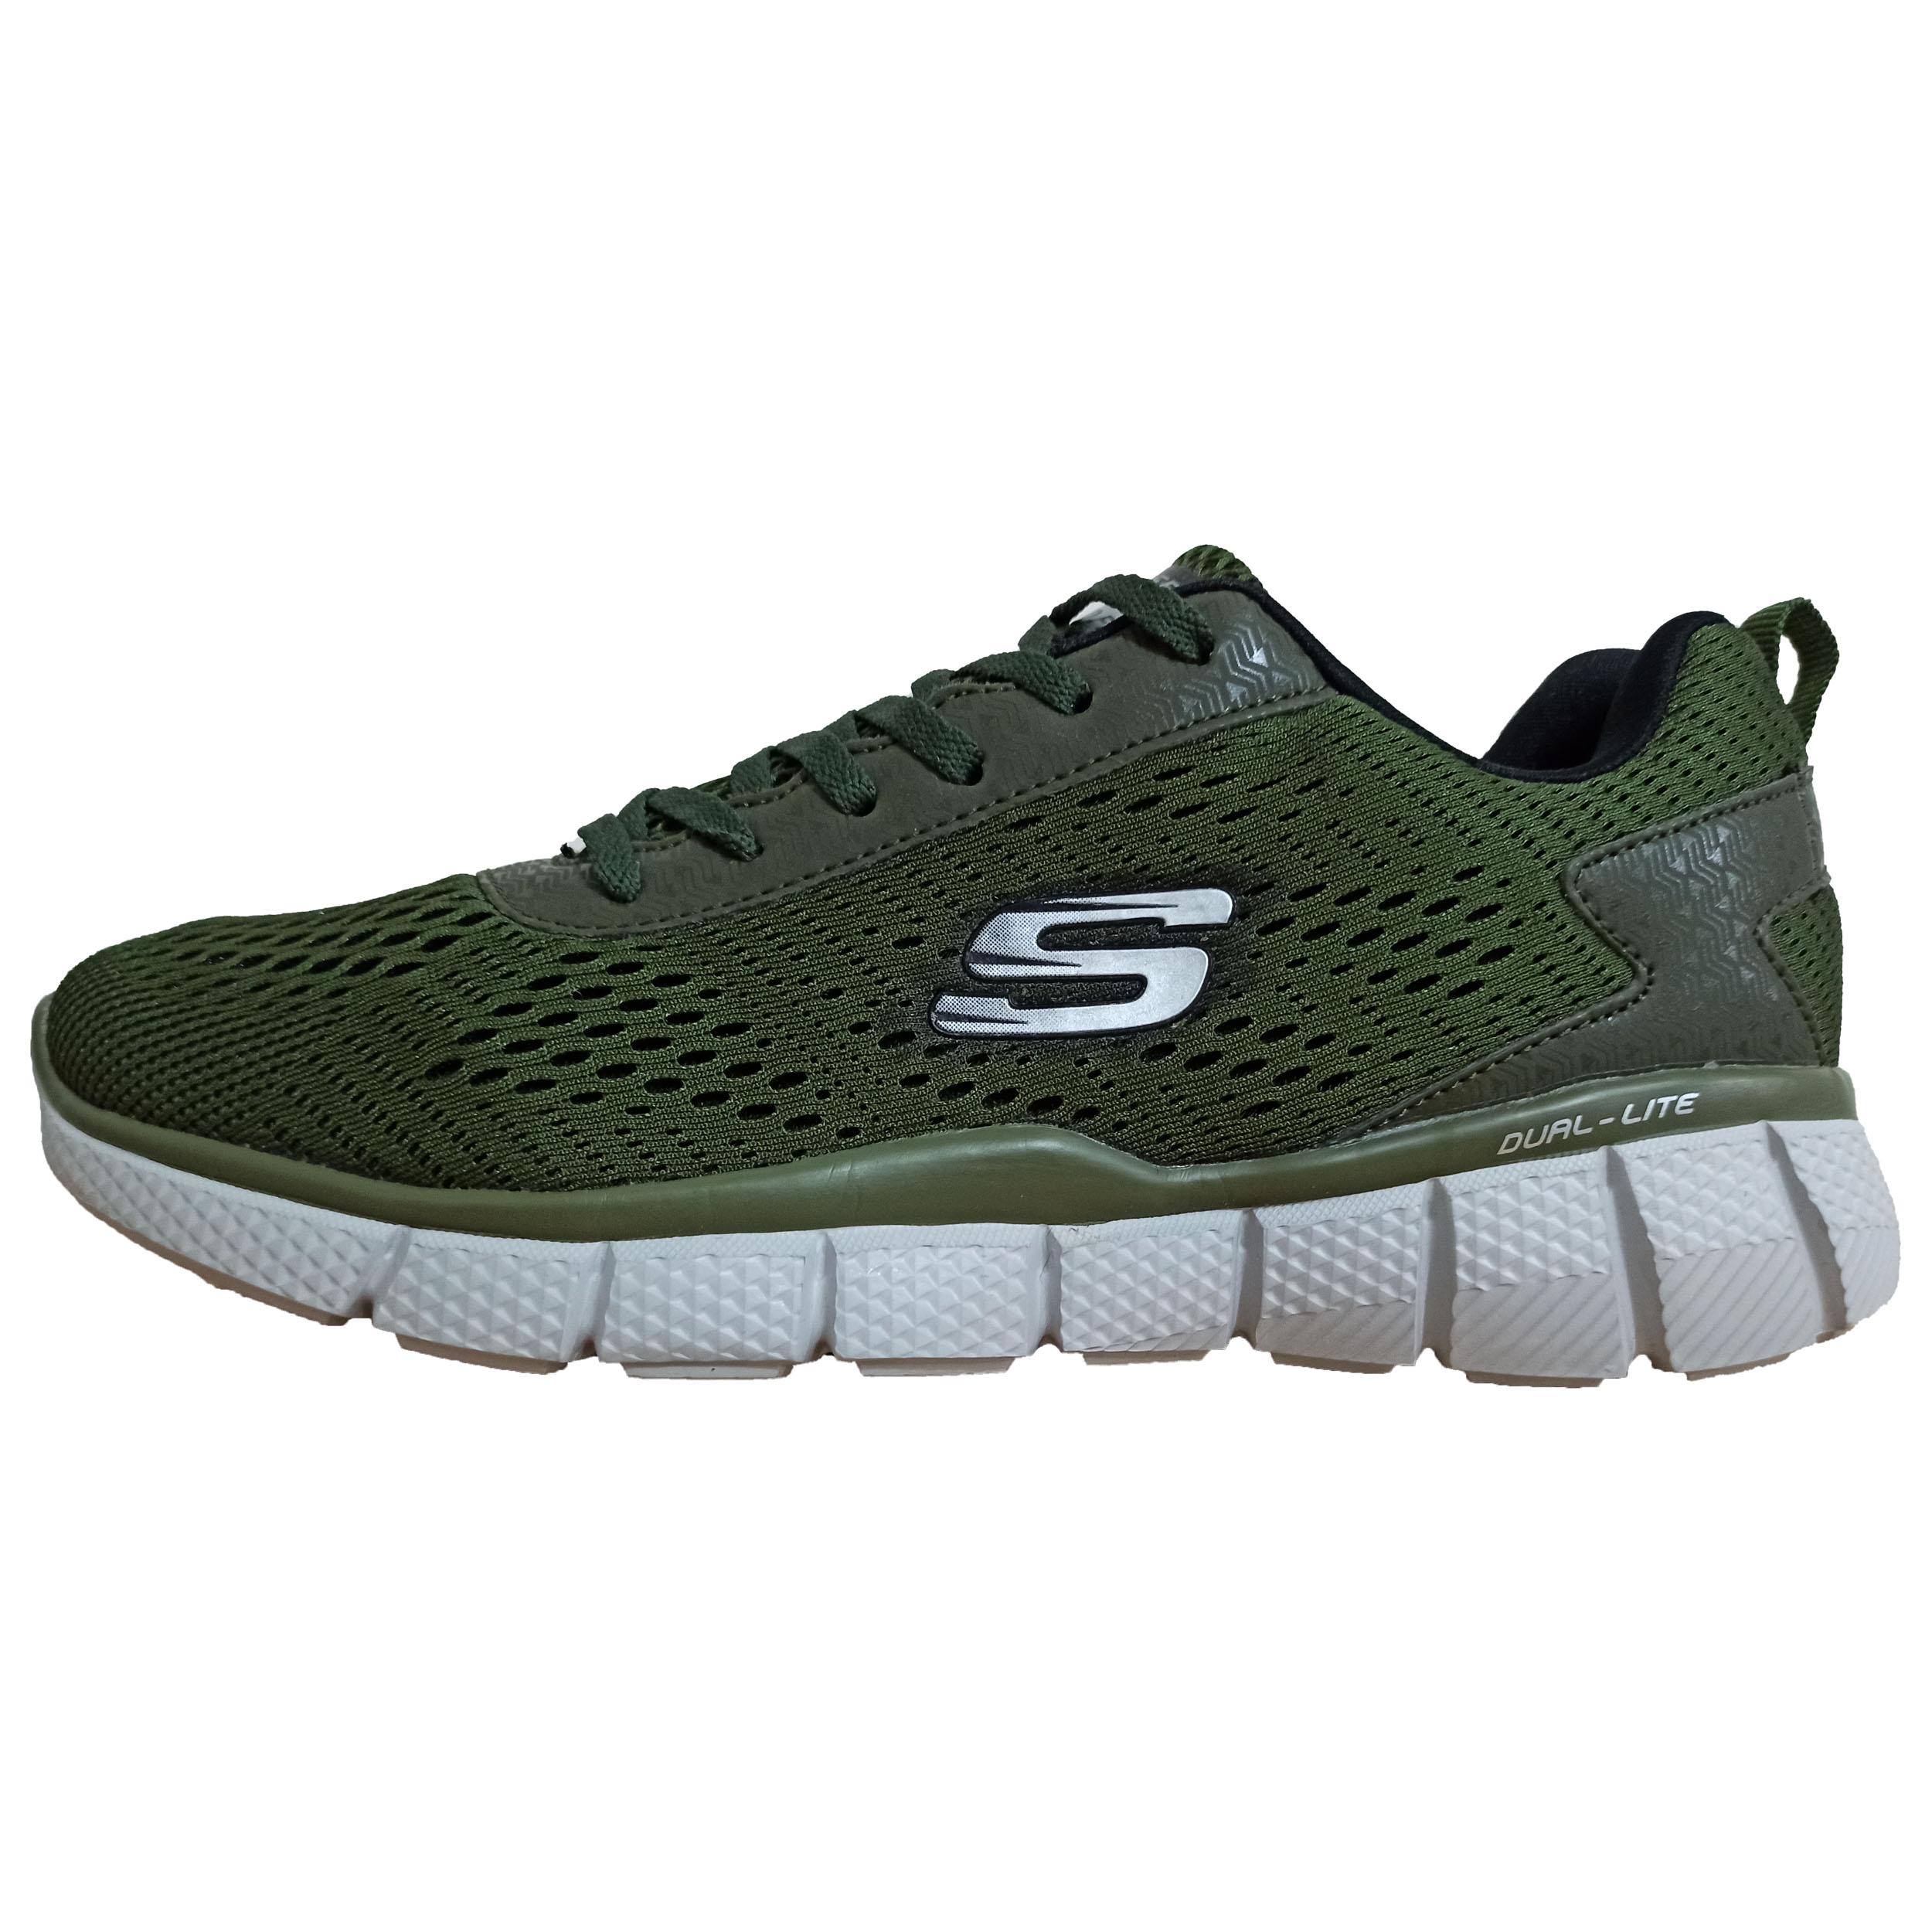 کفش مخصوص دویدن مردانه اسکچرز مدل DUAL LITE             , خرید اینترنتی